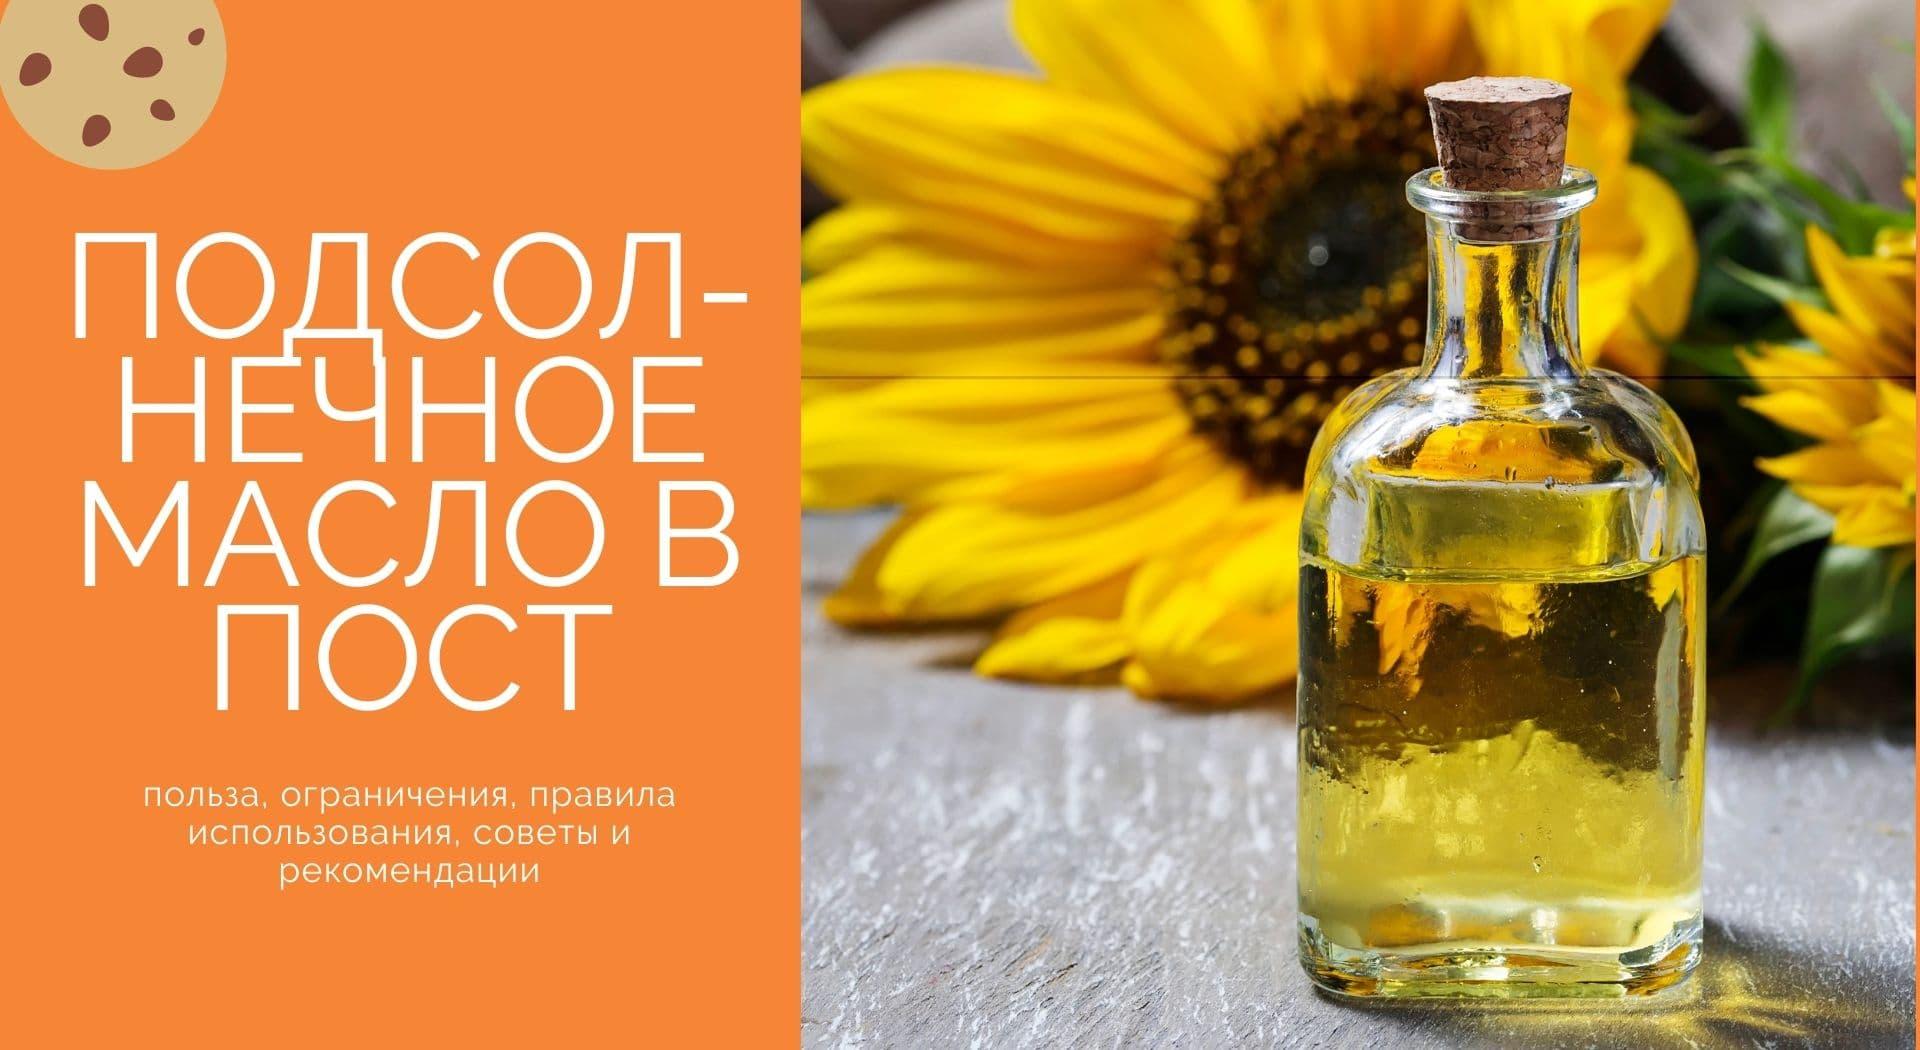 Подсолнечное масло в пост: польза, ограничения, правила использования, советы и рекомендации